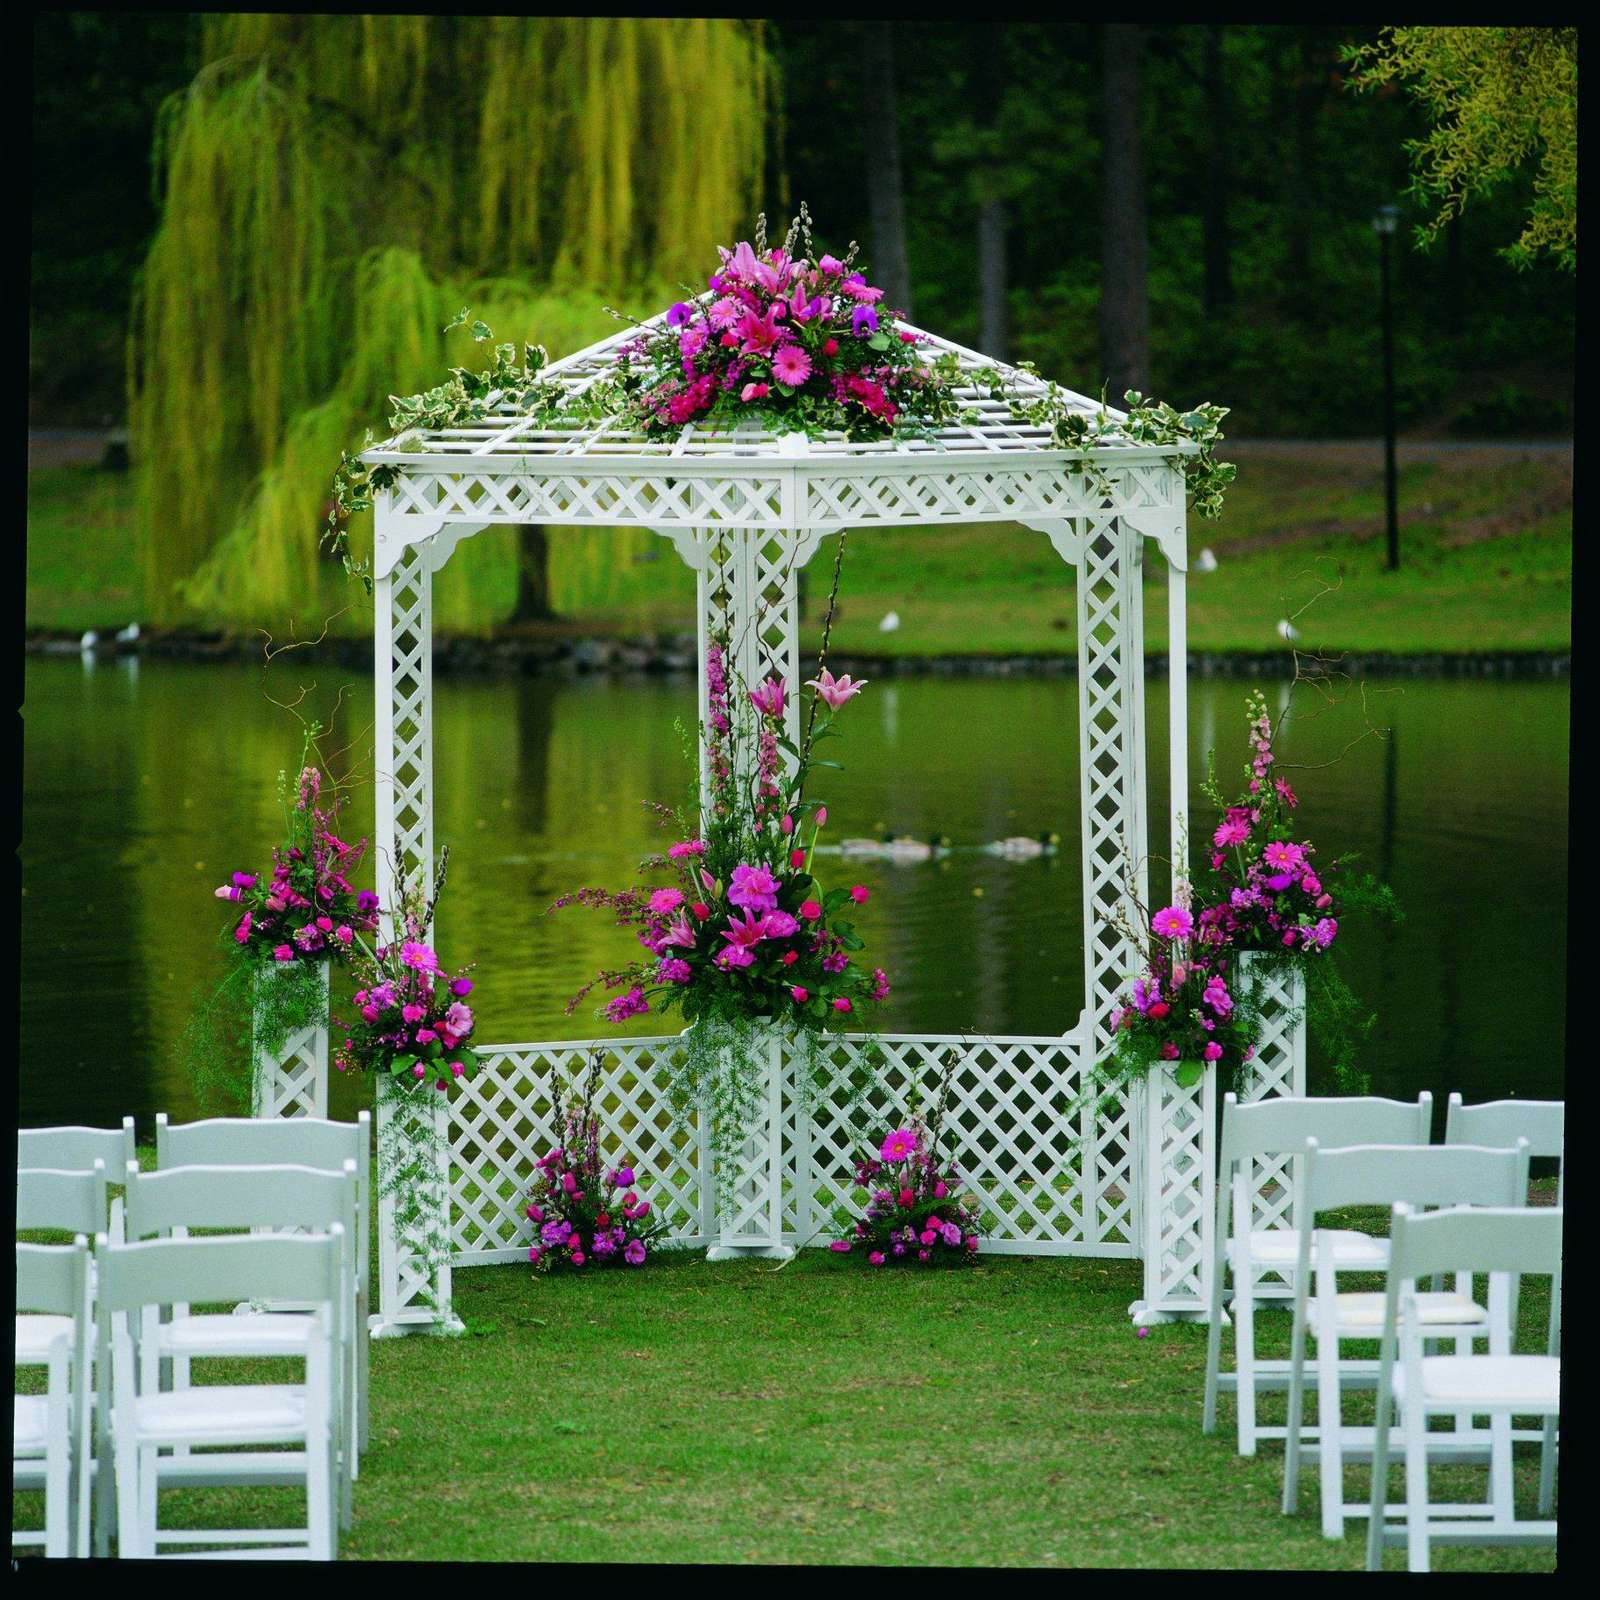 Půjčení svatebního altánu - Obrázek č. 1